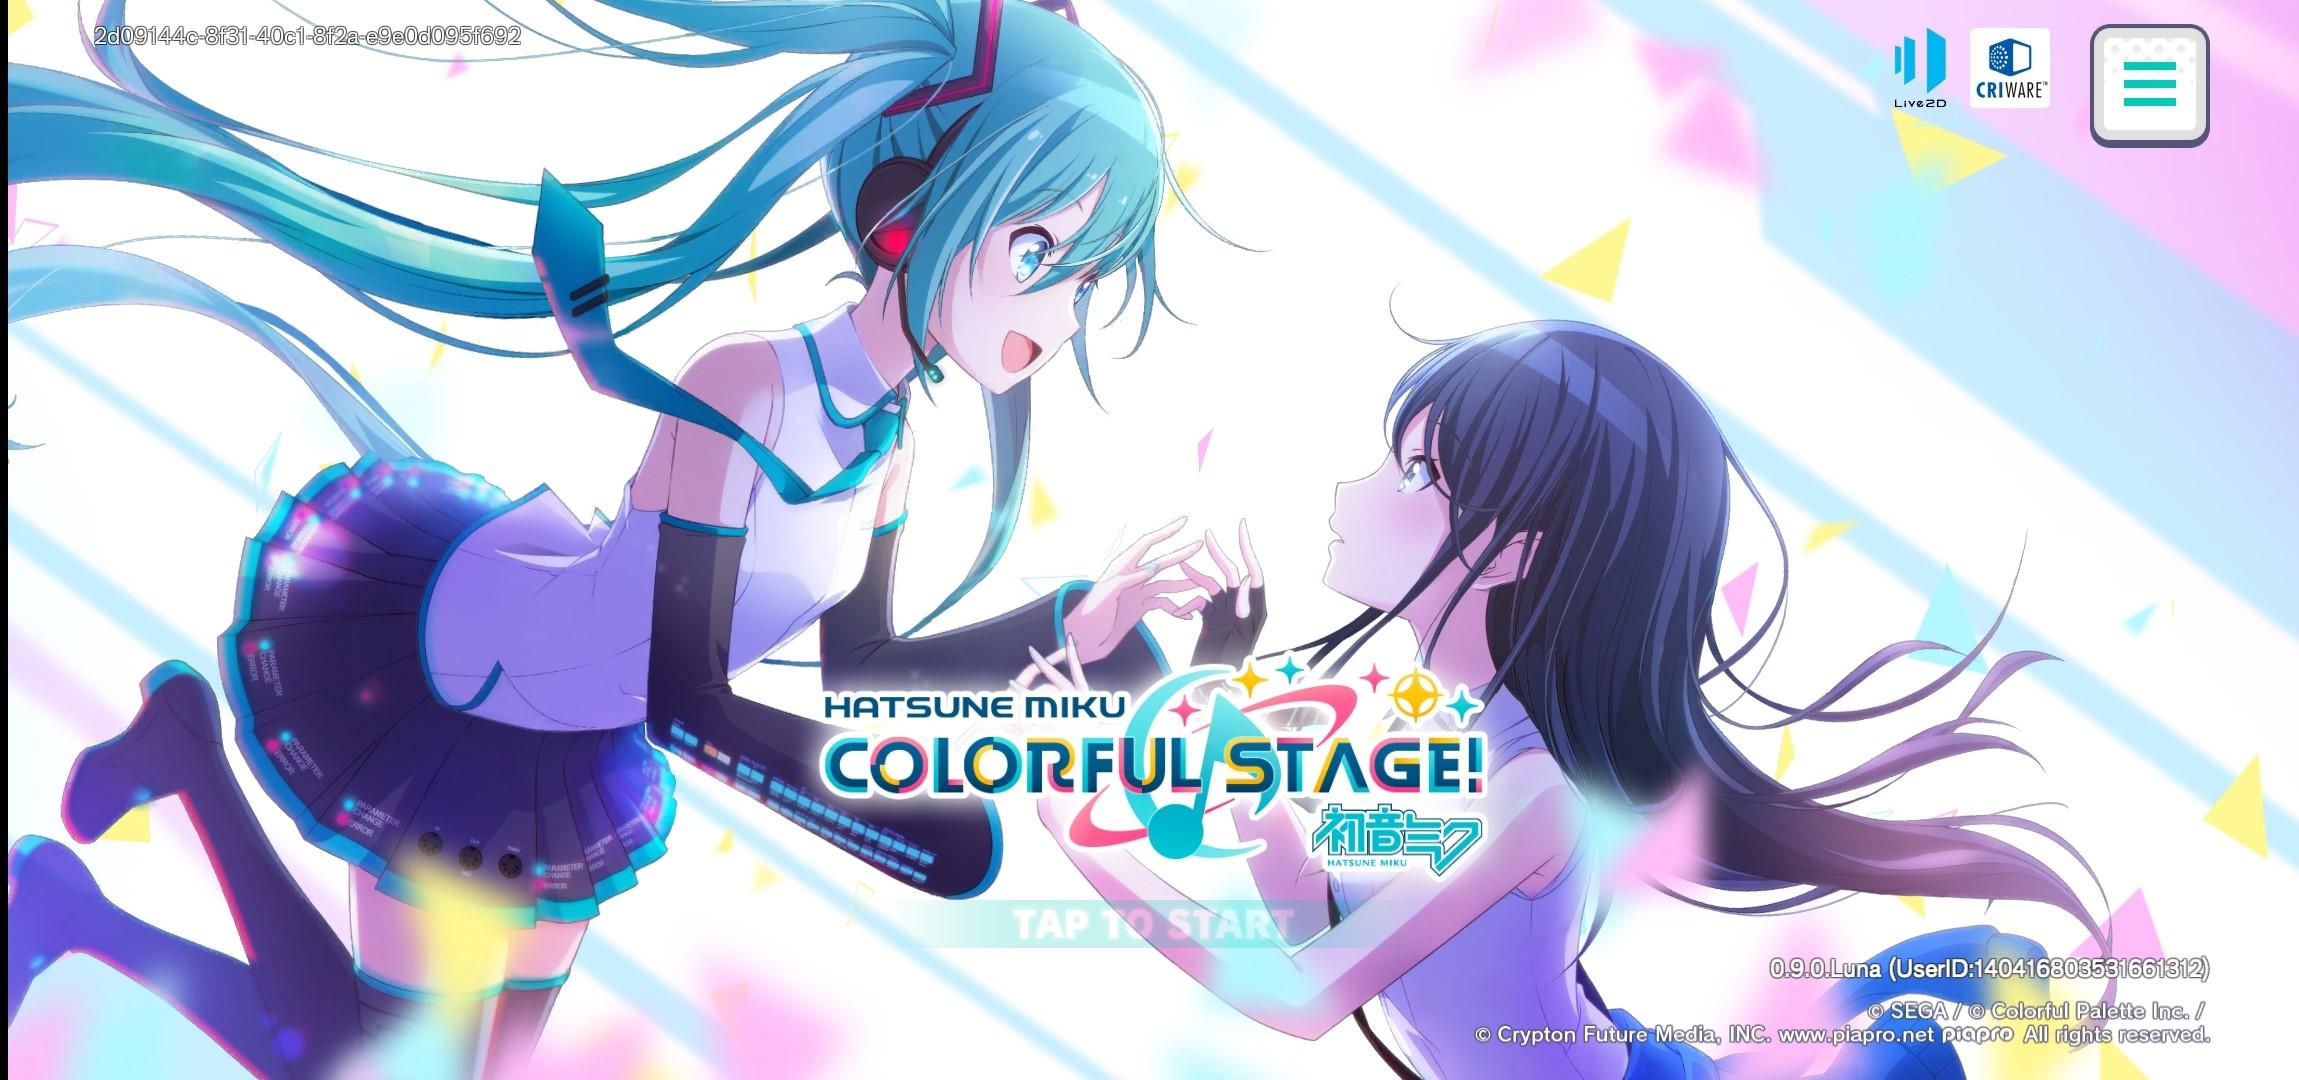 Soi thử Hatsune Miku: COLORFUL STAGE! - Game vũ đạo đậm chất anime